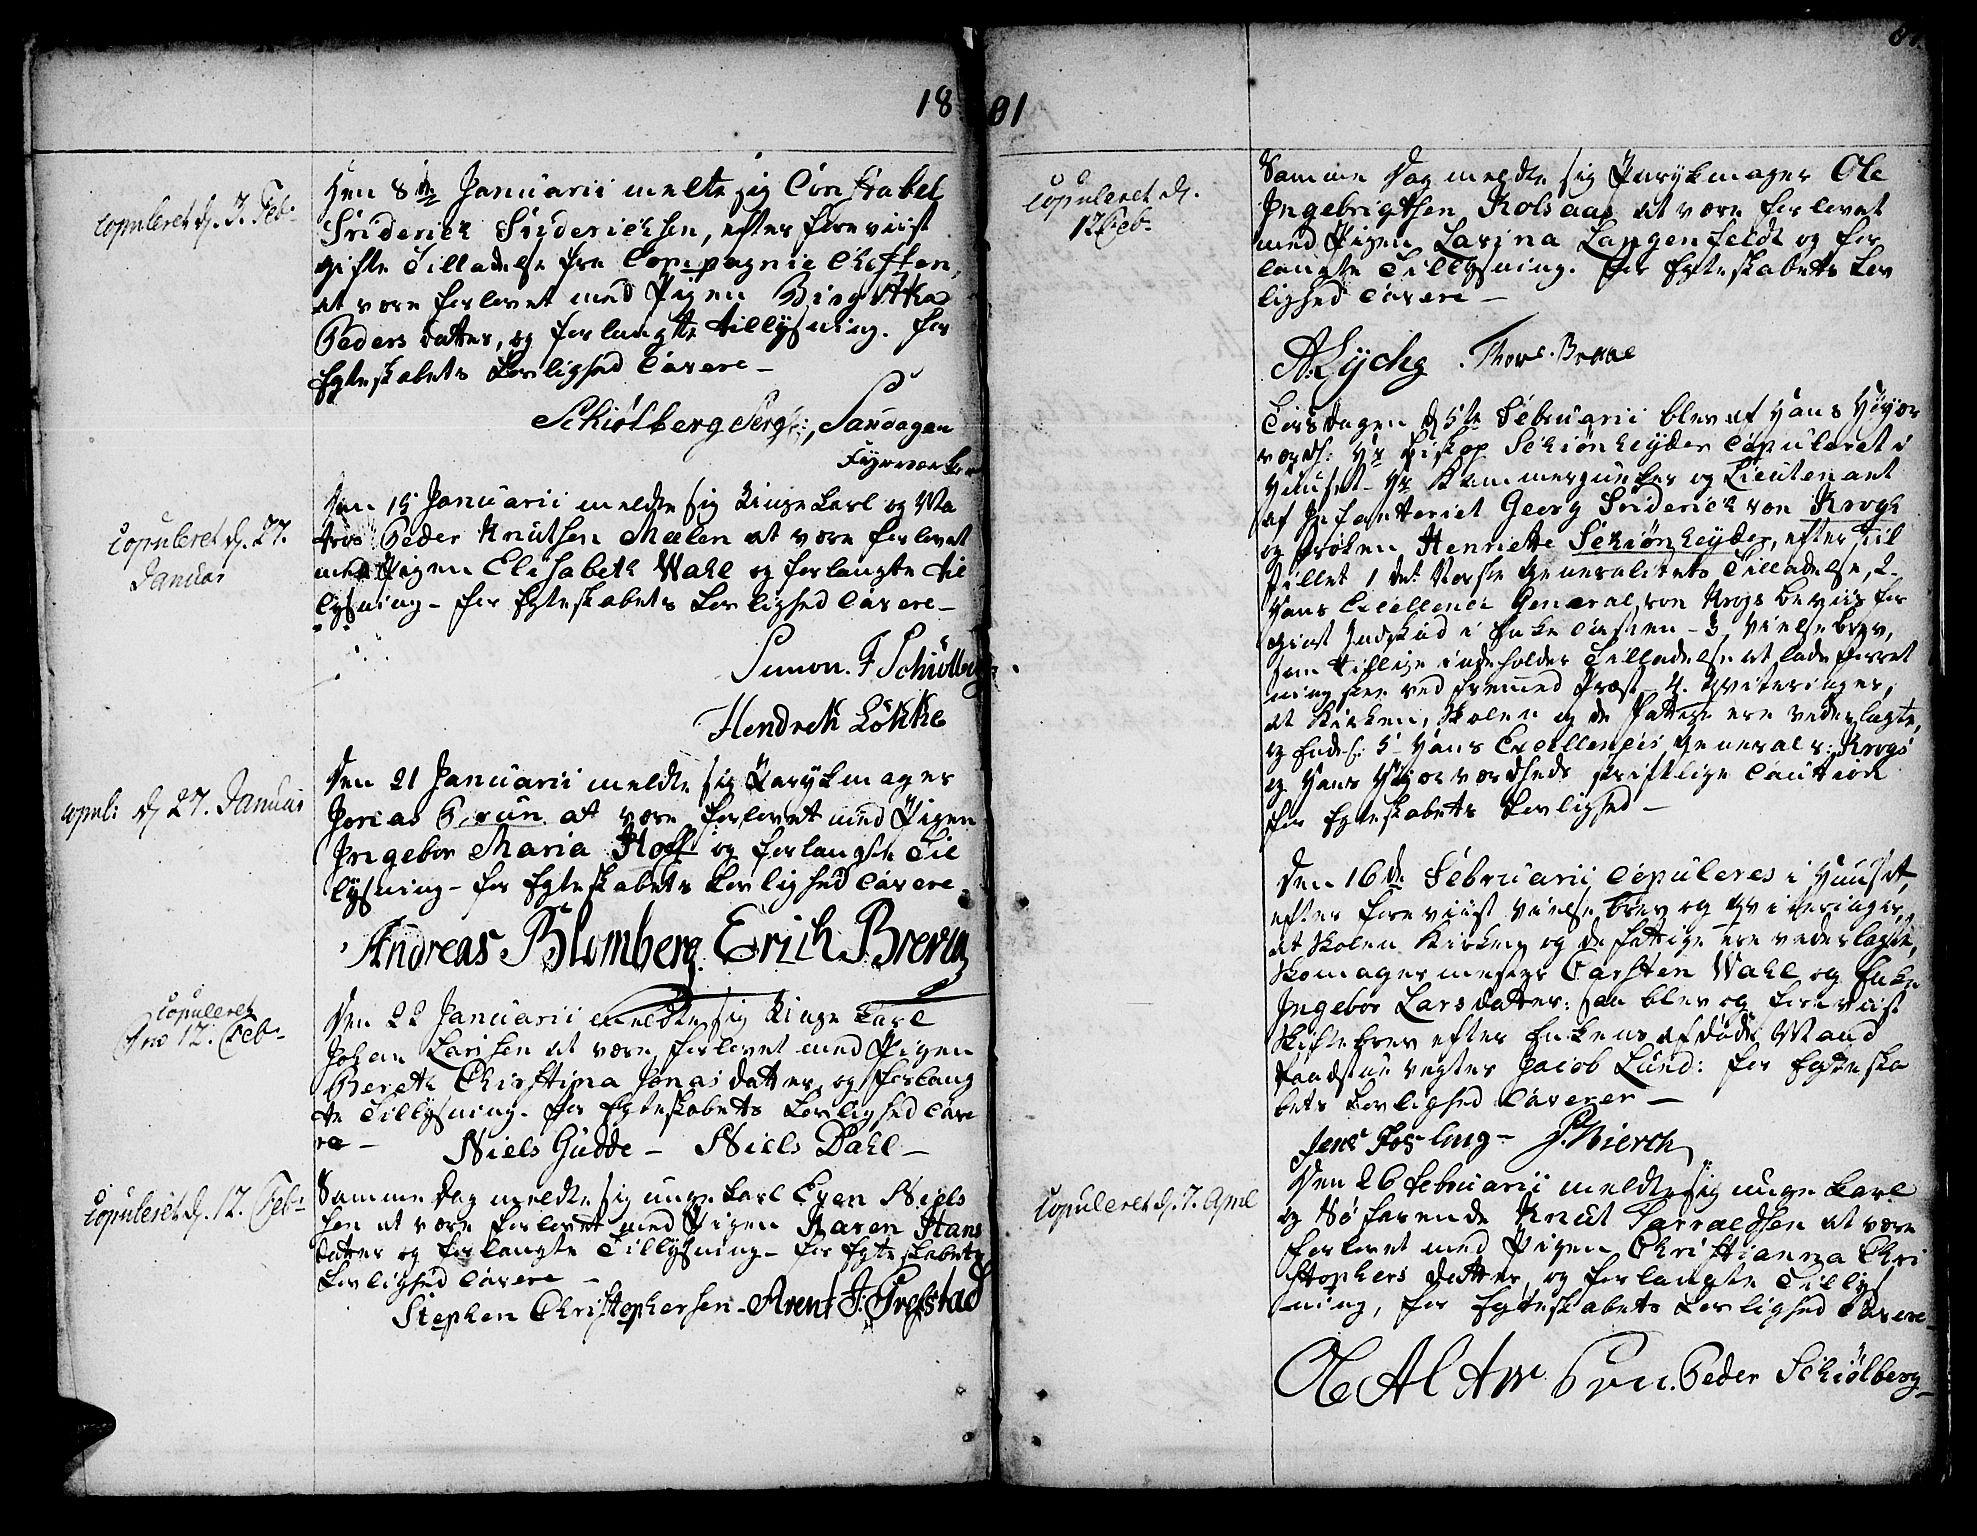 SAT, Ministerialprotokoller, klokkerbøker og fødselsregistre - Sør-Trøndelag, 601/L0041: Ministerialbok nr. 601A09, 1784-1801, s. 87